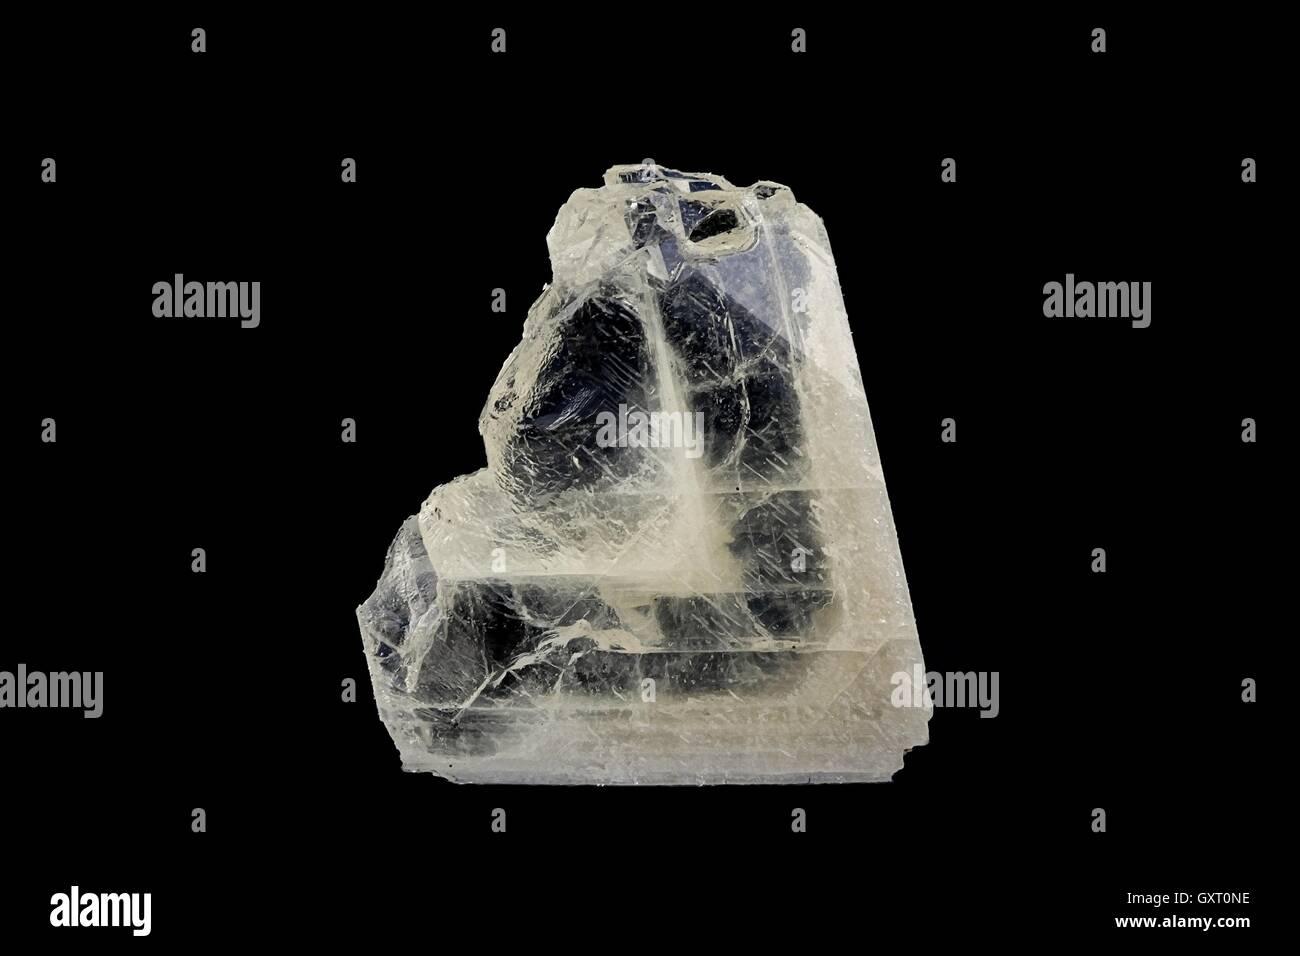 Crystal of baryte - Stock Image